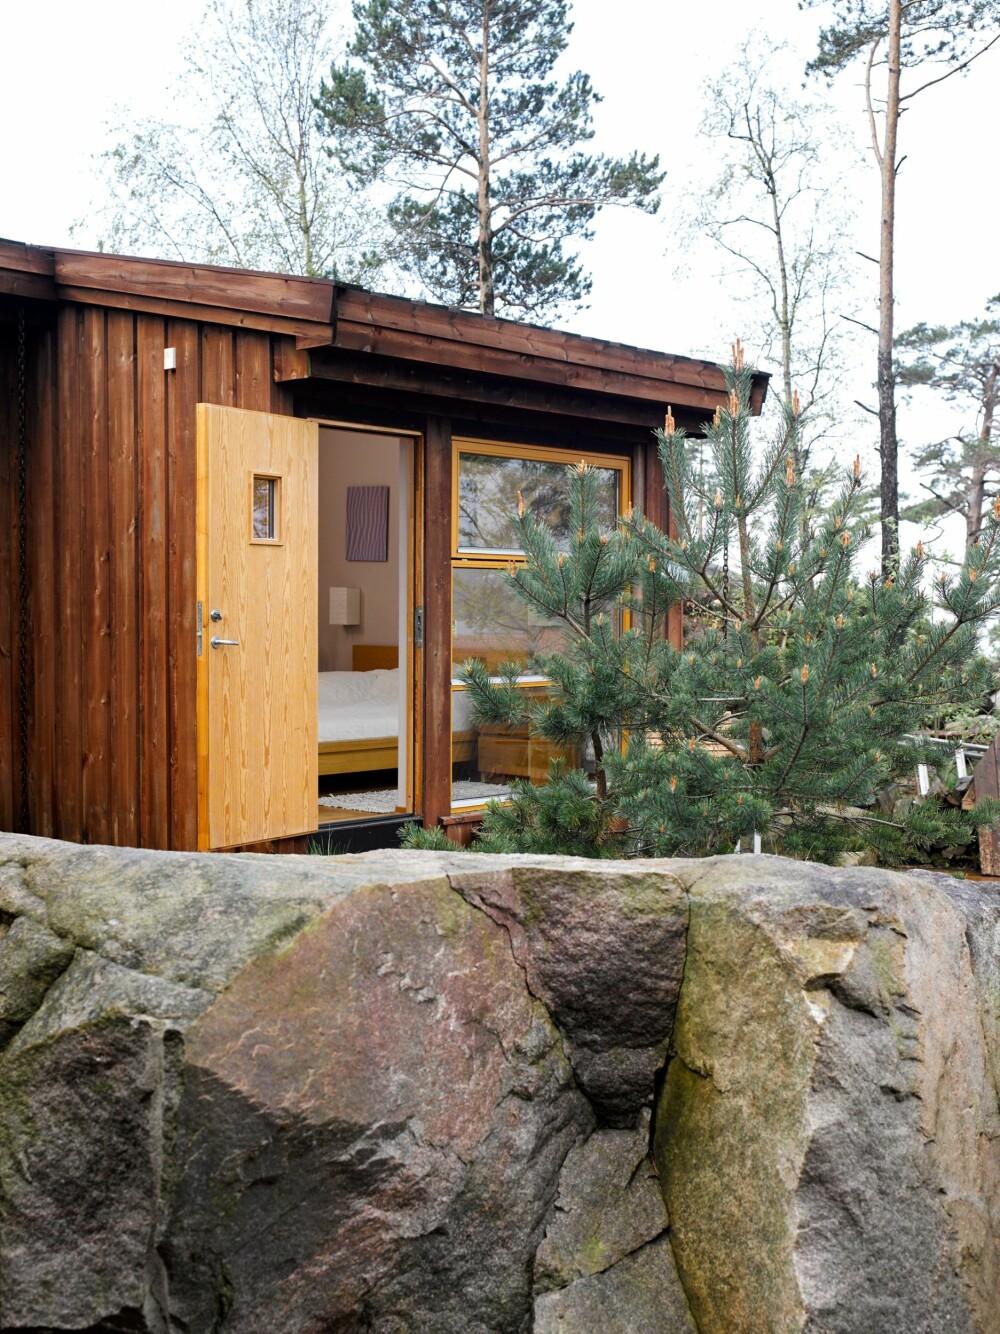 PRIVATE SFÆRER:  Soverommene er bygget for seg selv, og gjesterommet har en egen inngang og vask. Rundt hytta er det et flott turterreng i skog og mark.